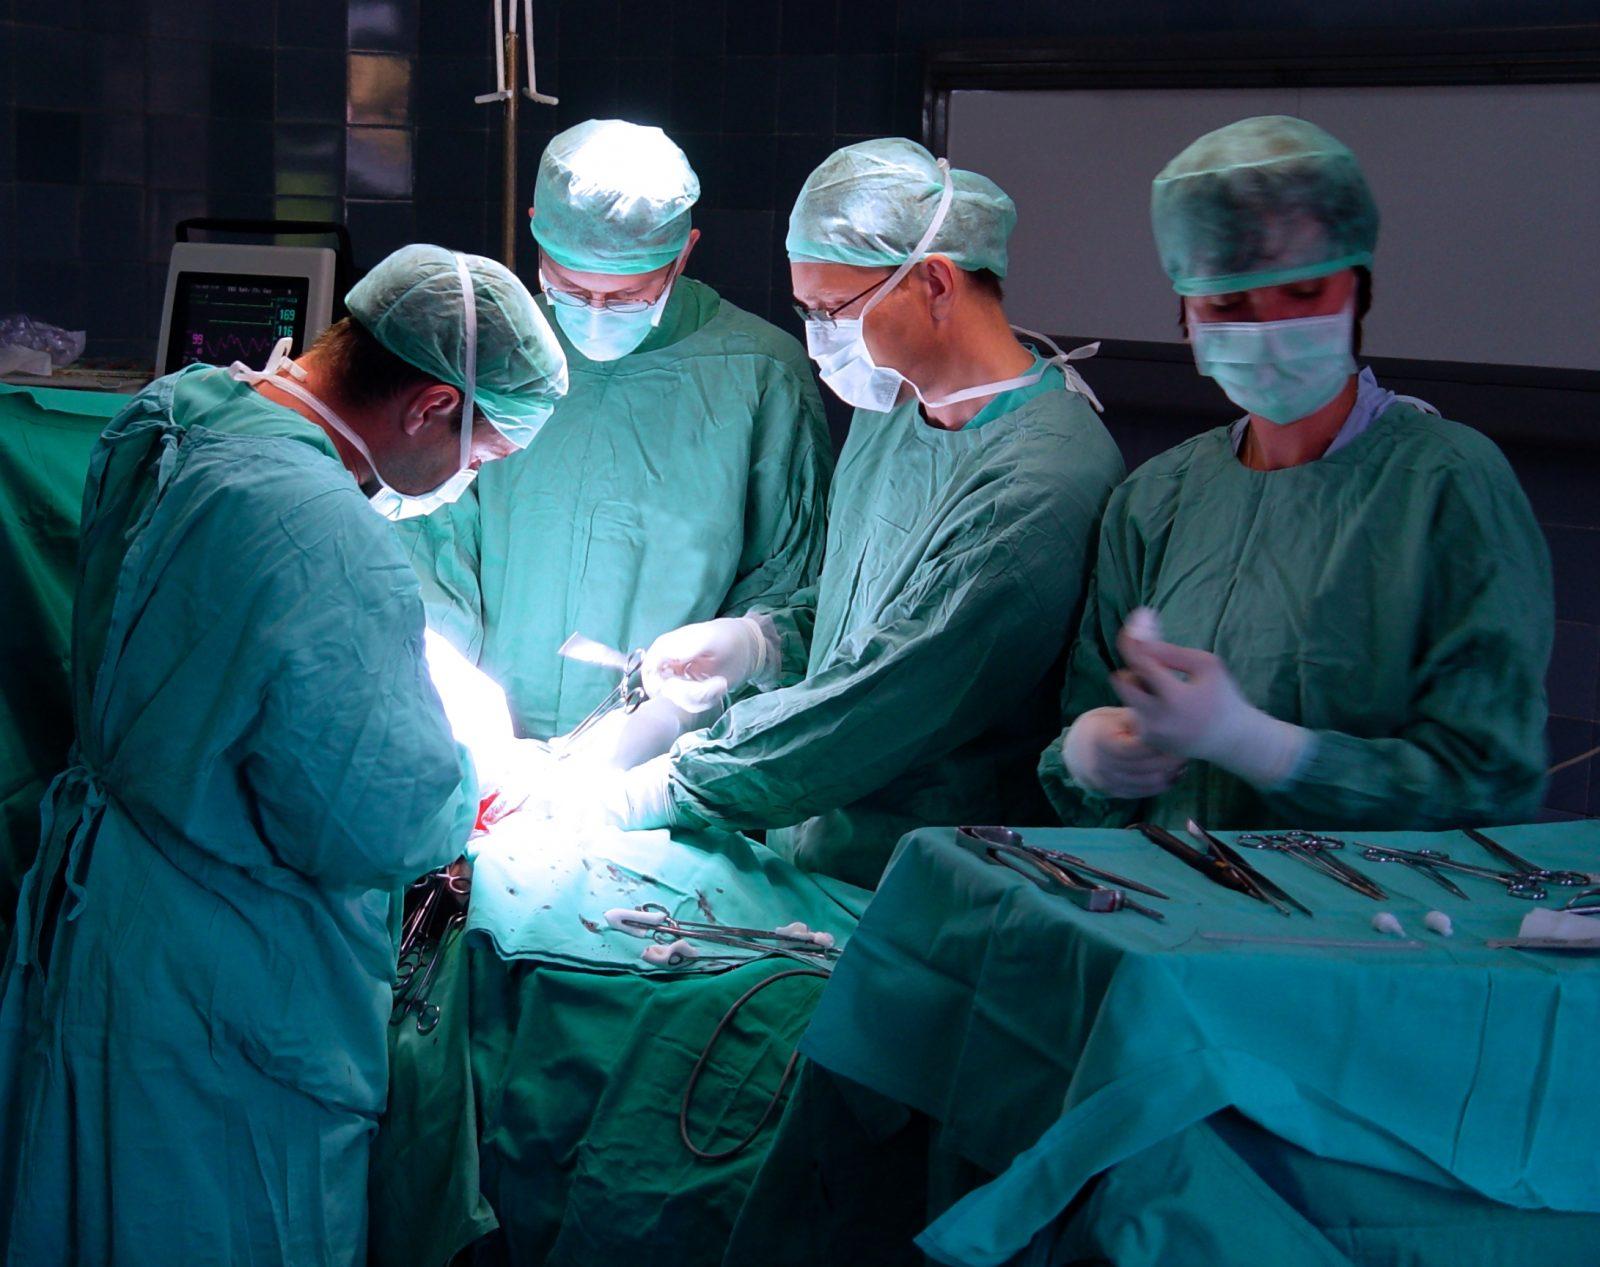 Près de 20 000 chirurgies effectuées en dix mois dans la région